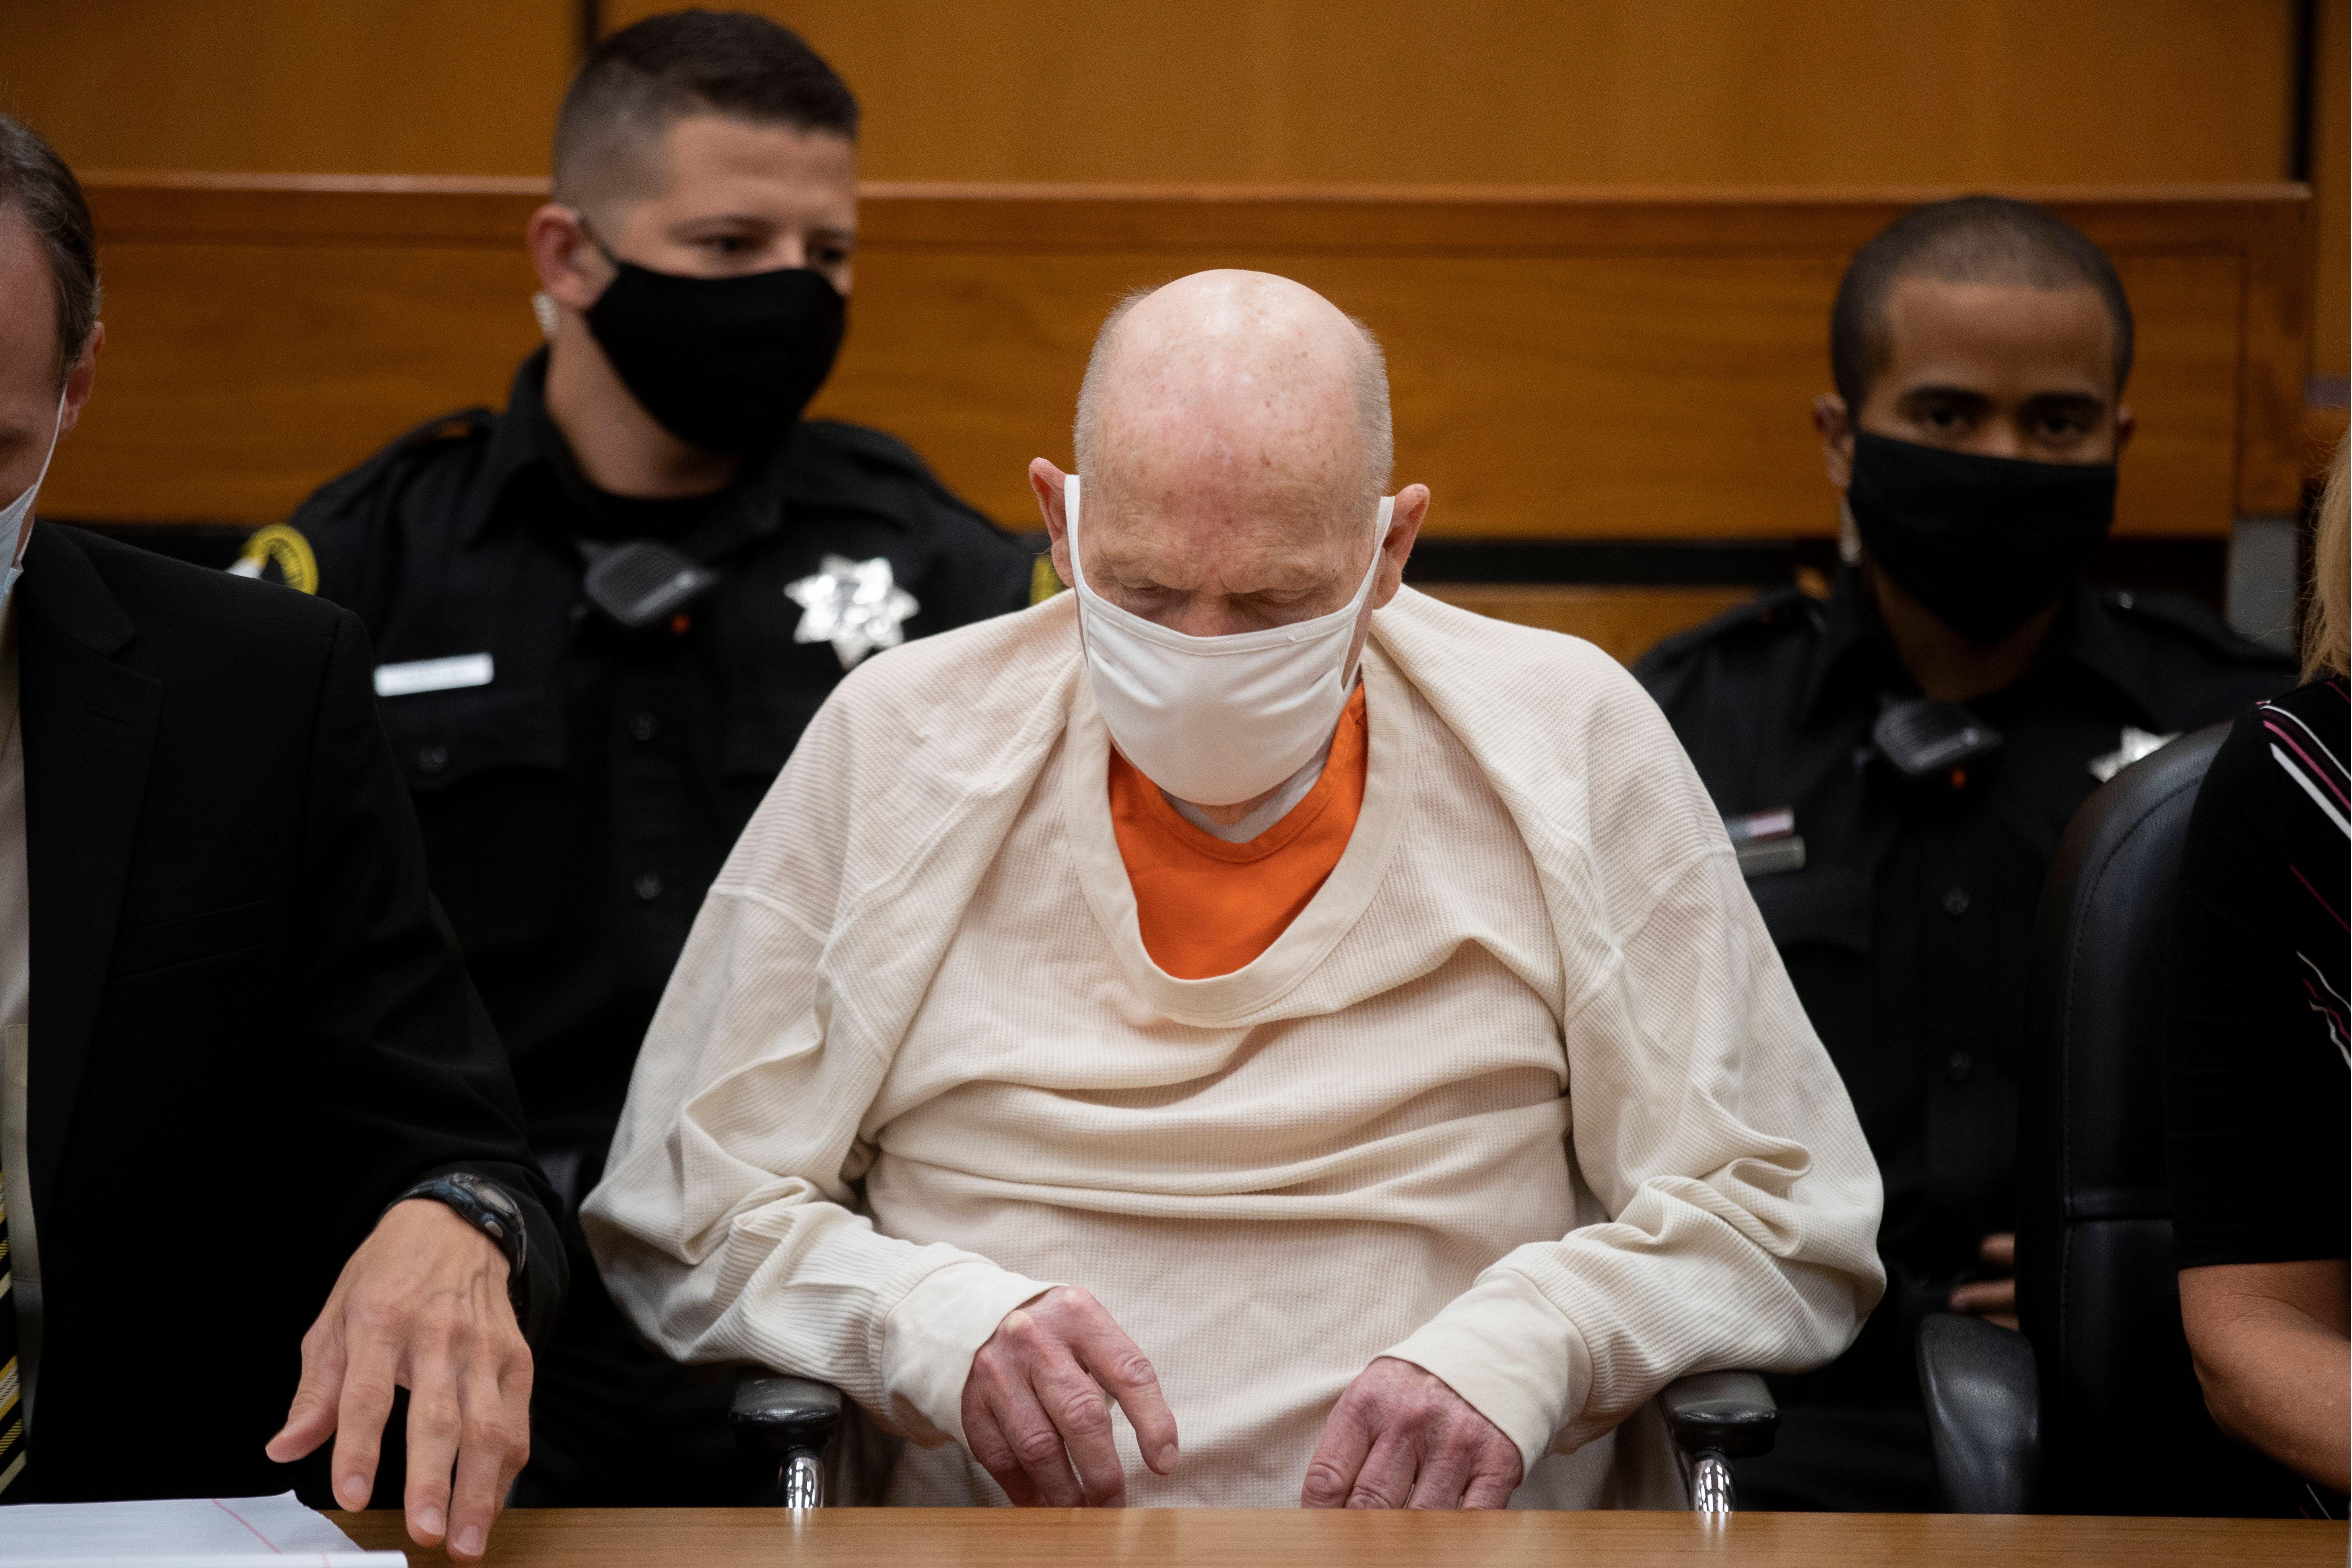 «Δεν θα είμαι ποτέ το ίδιο άτομο»: Η πρώην σύζυγος του Golden State Killer λέει ότι έκανε τη ζωή της σε φόβο